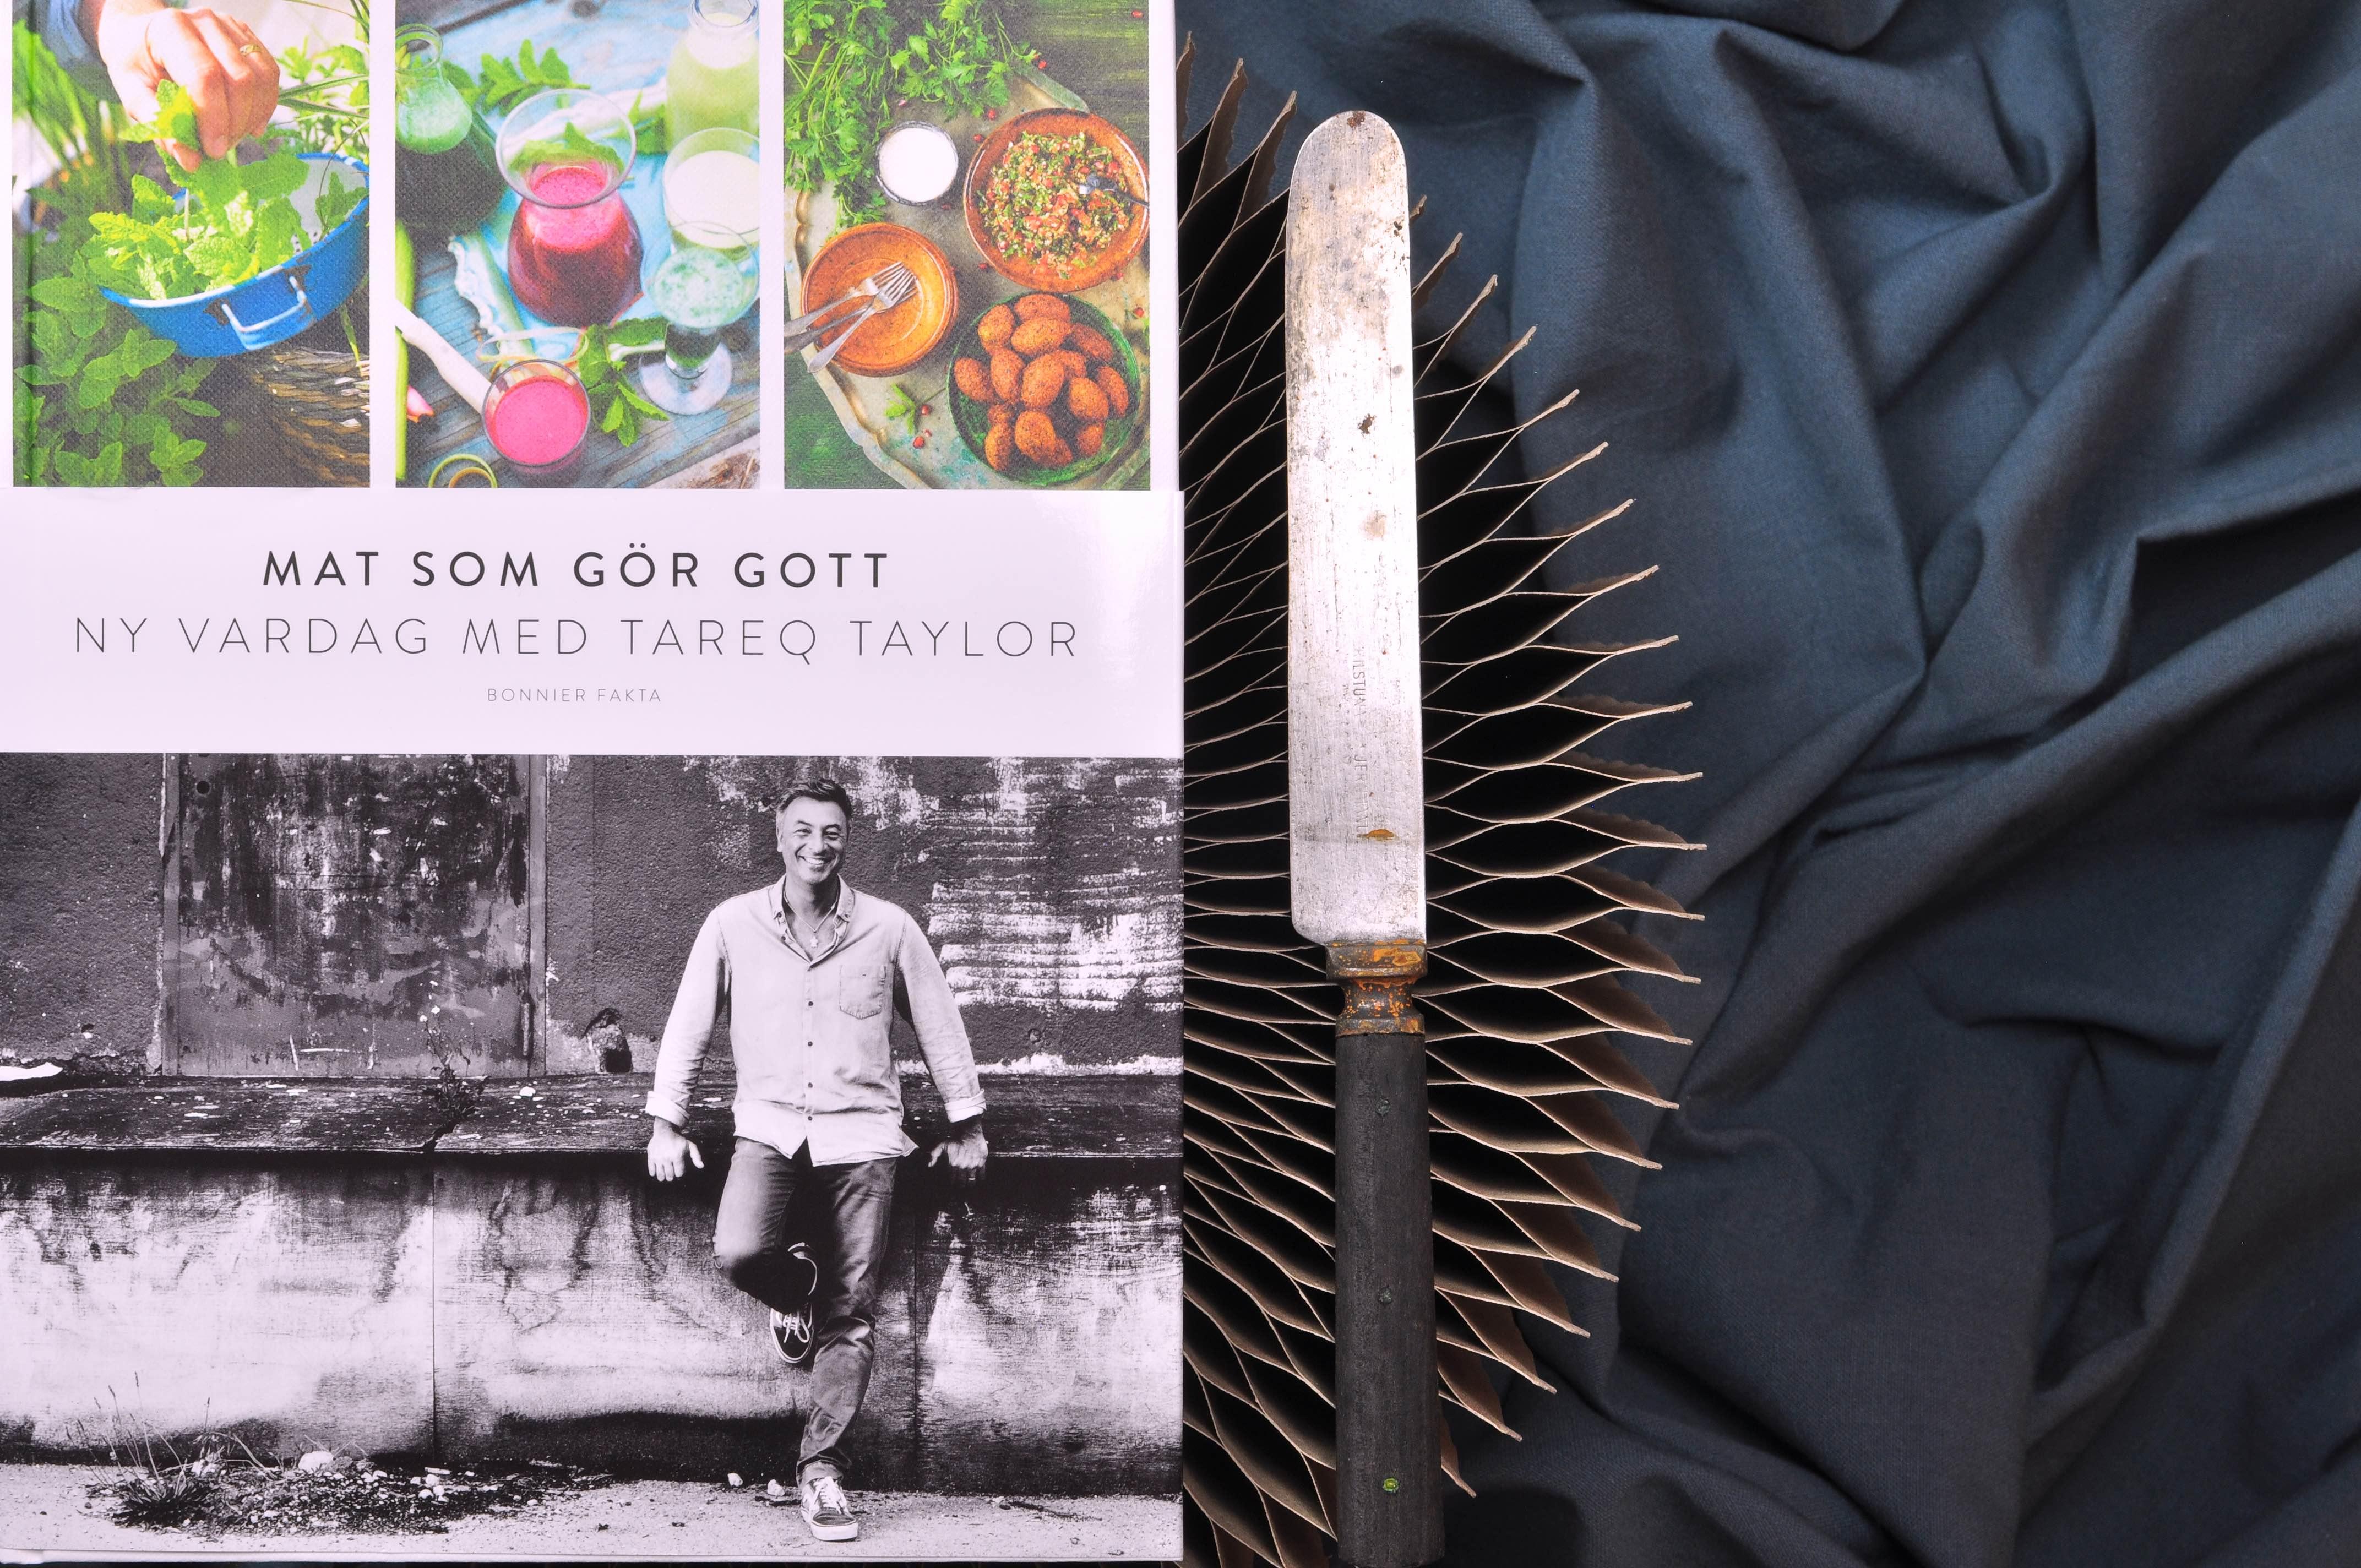 Mat_som_gor_gott